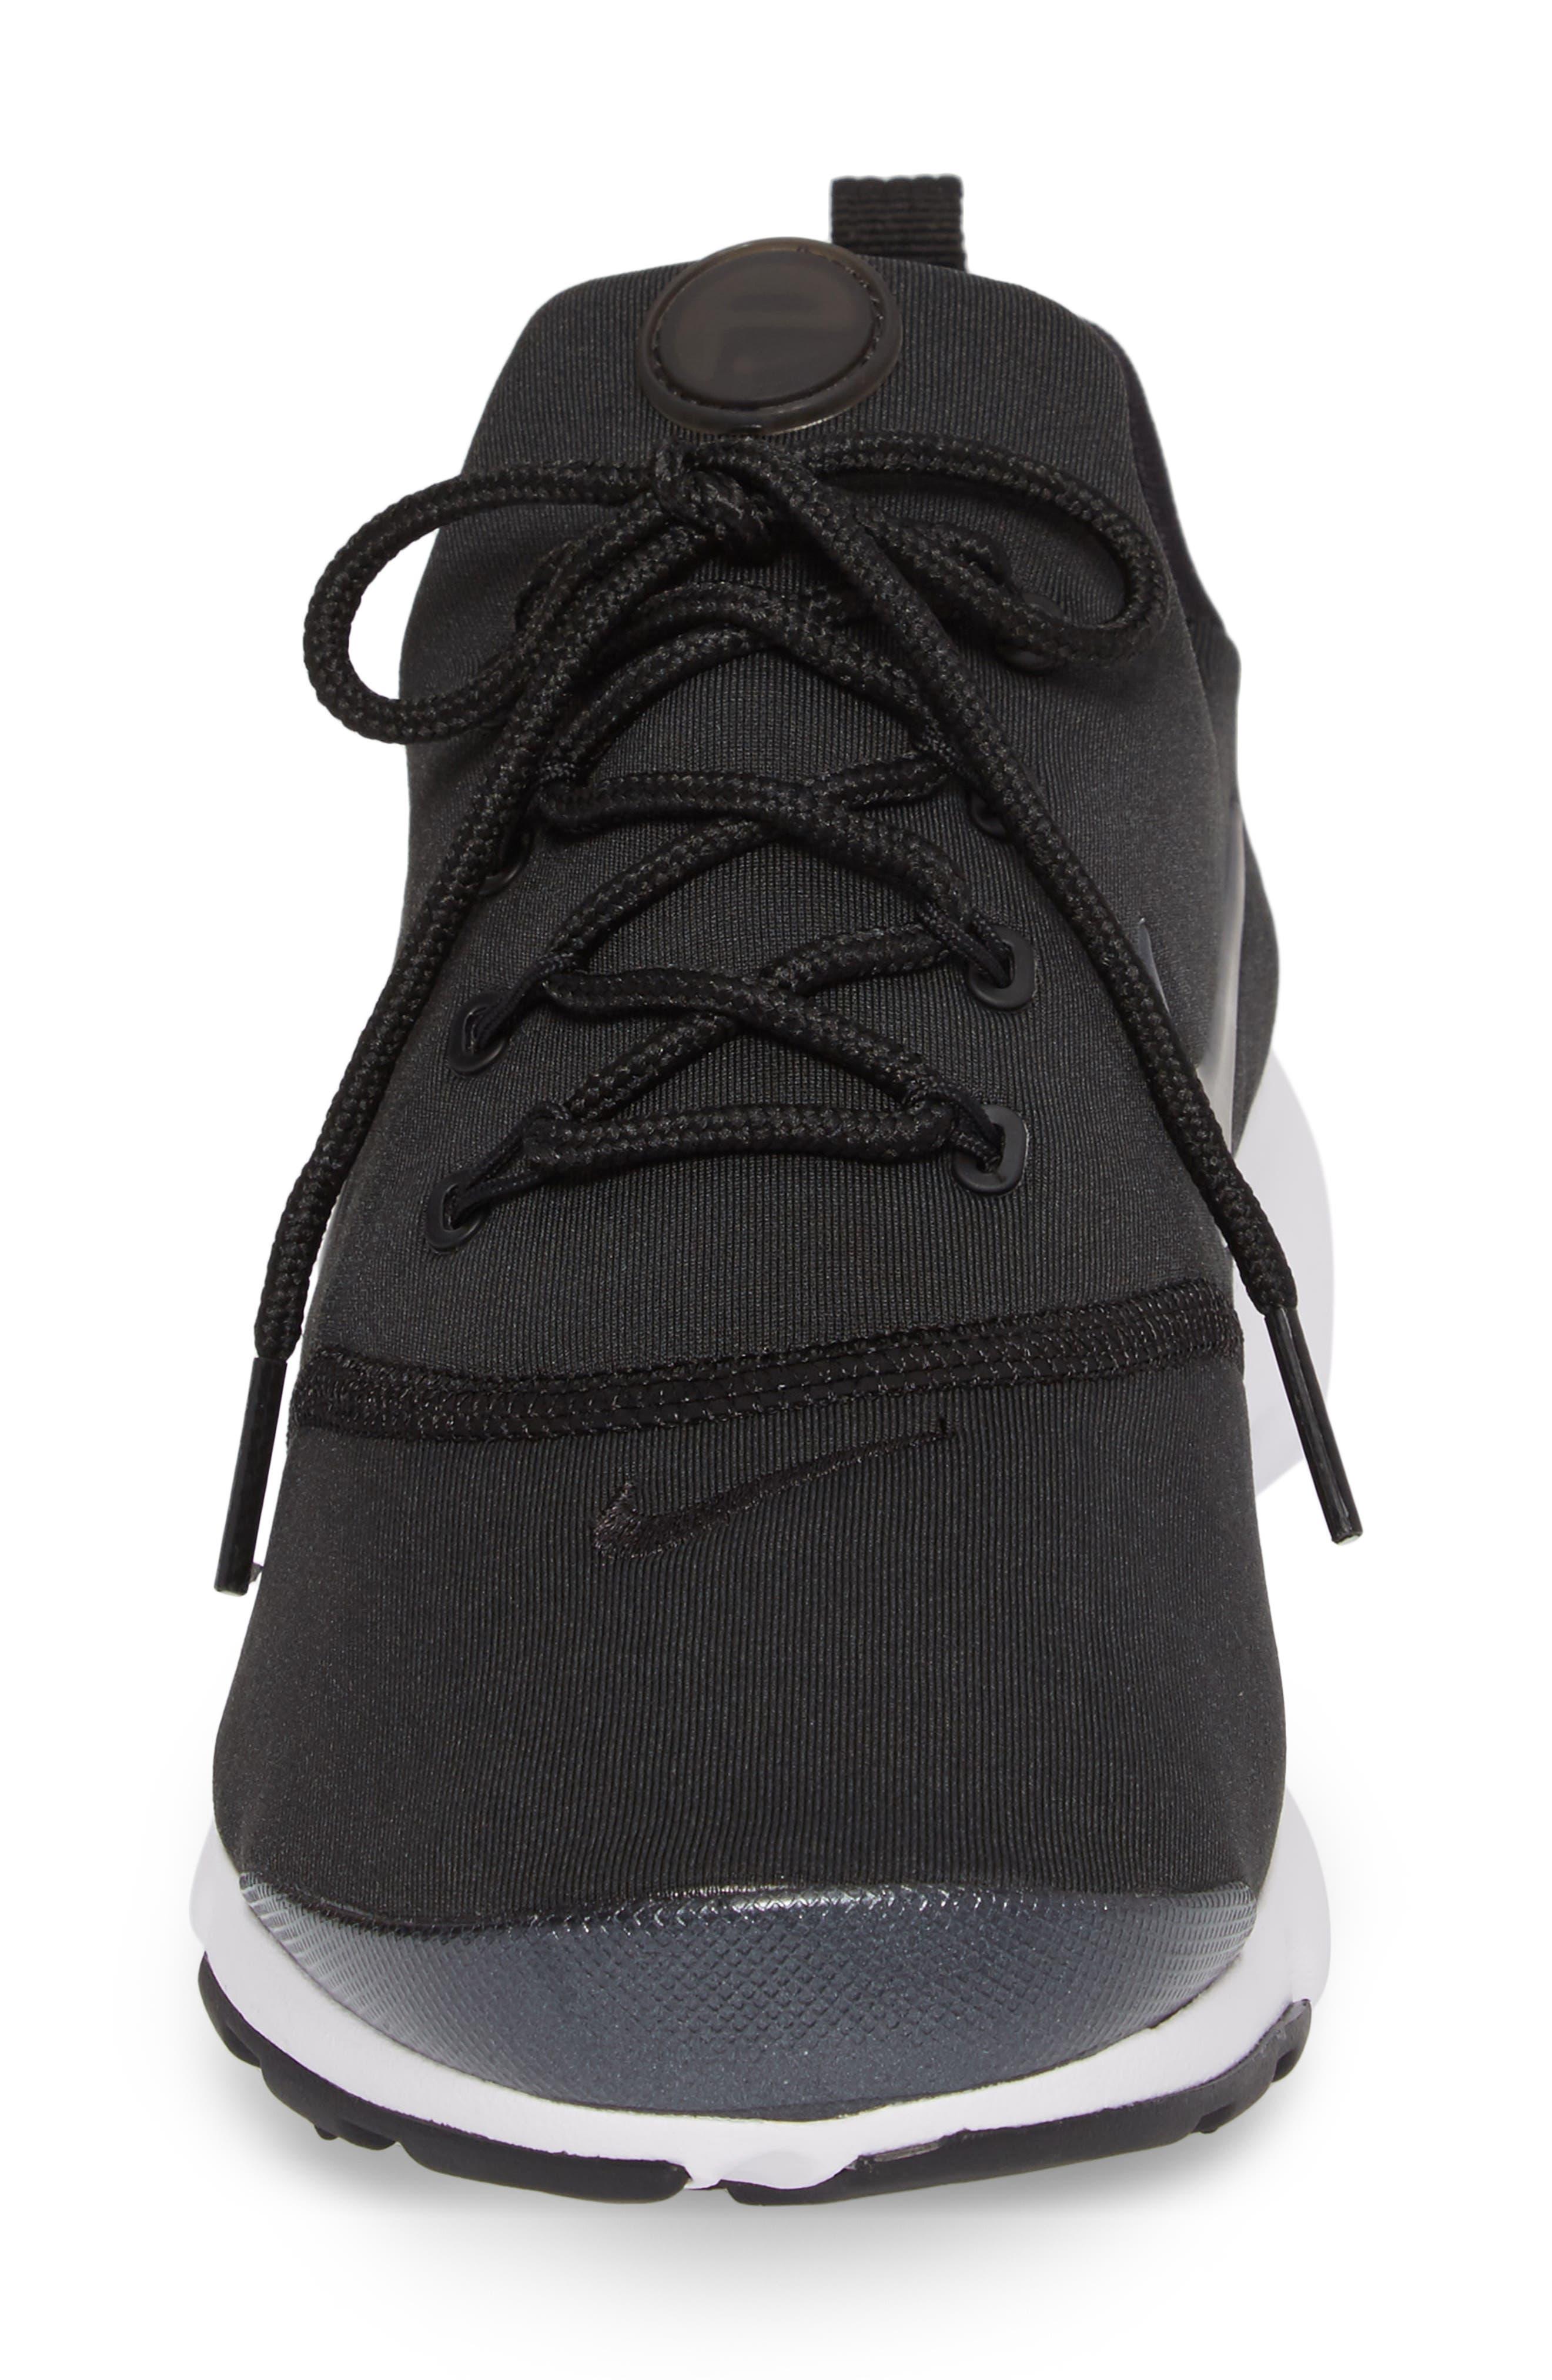 Presto Ultra SE Sneaker,                             Alternate thumbnail 5, color,                             Black/ Grey/ White